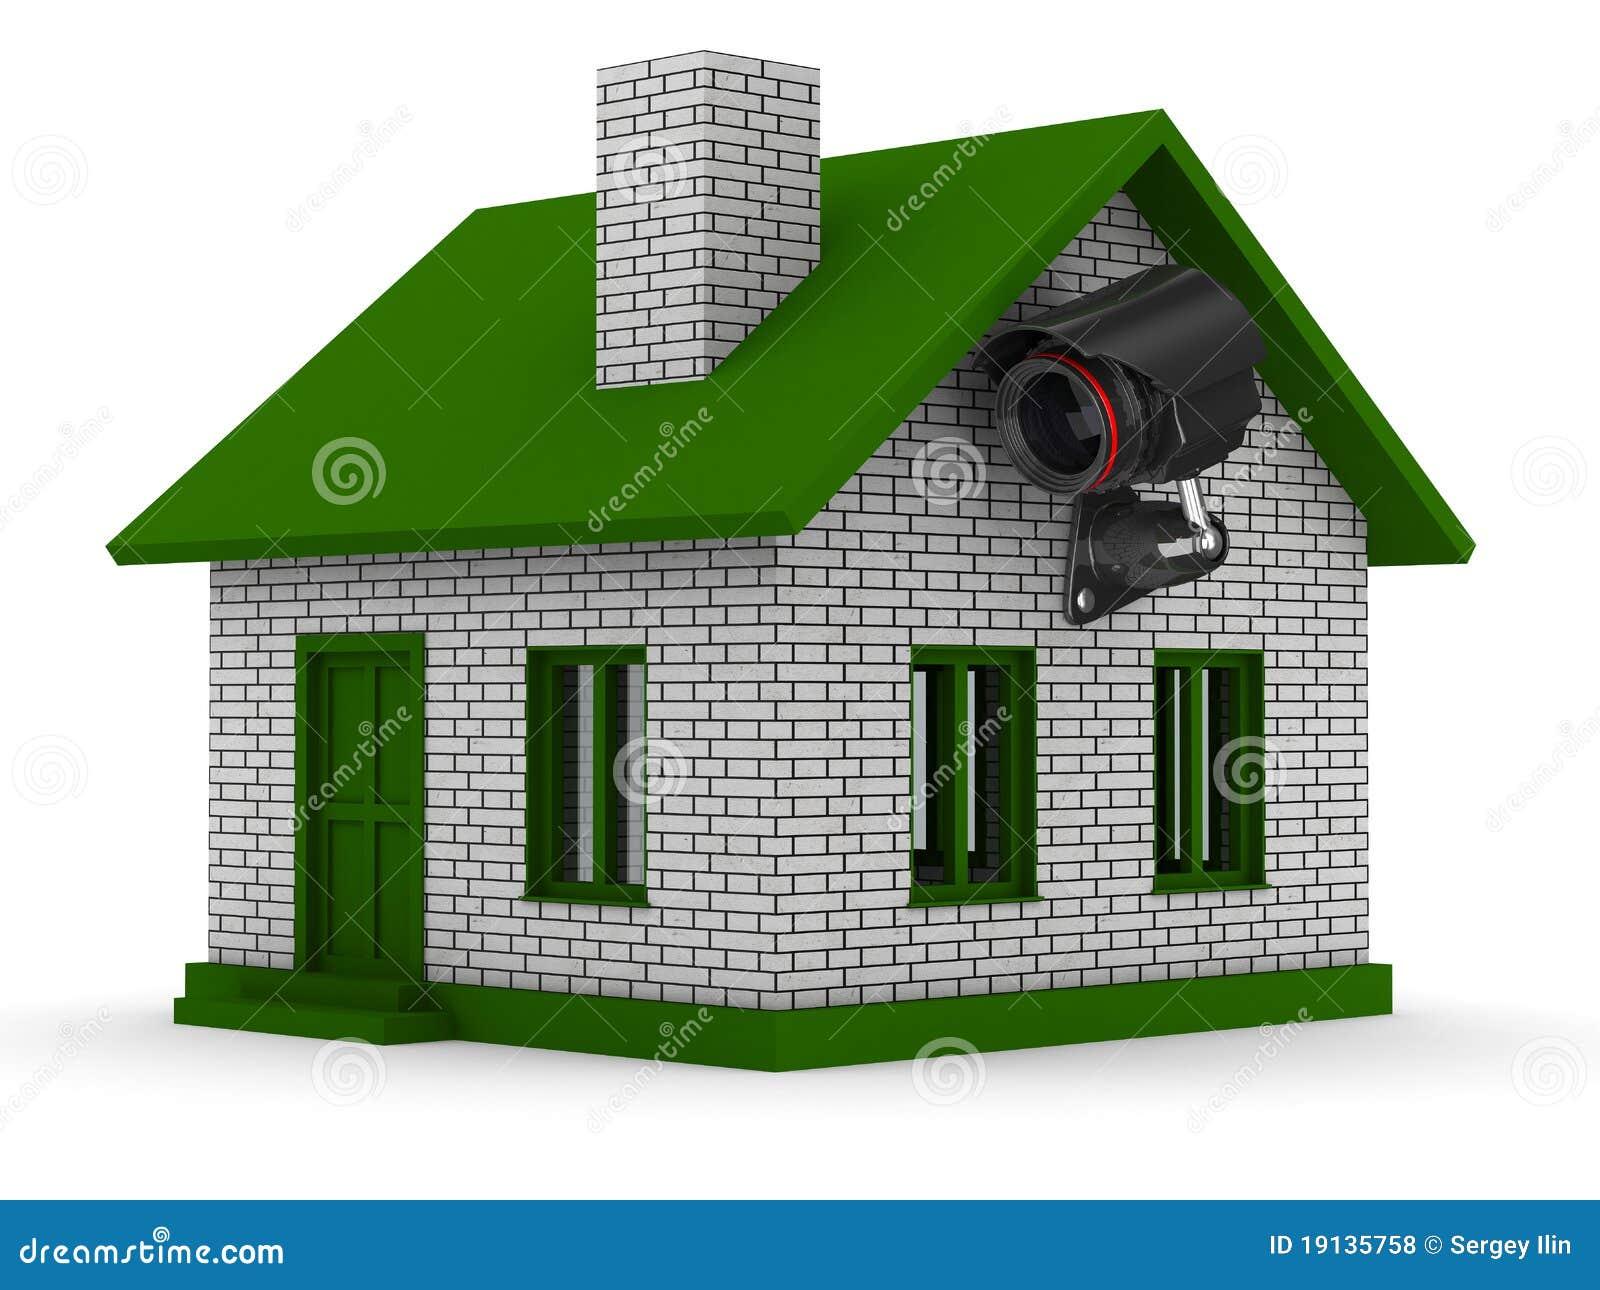 Kamera bezpieczeństwa na domu. Odosobniony 3D